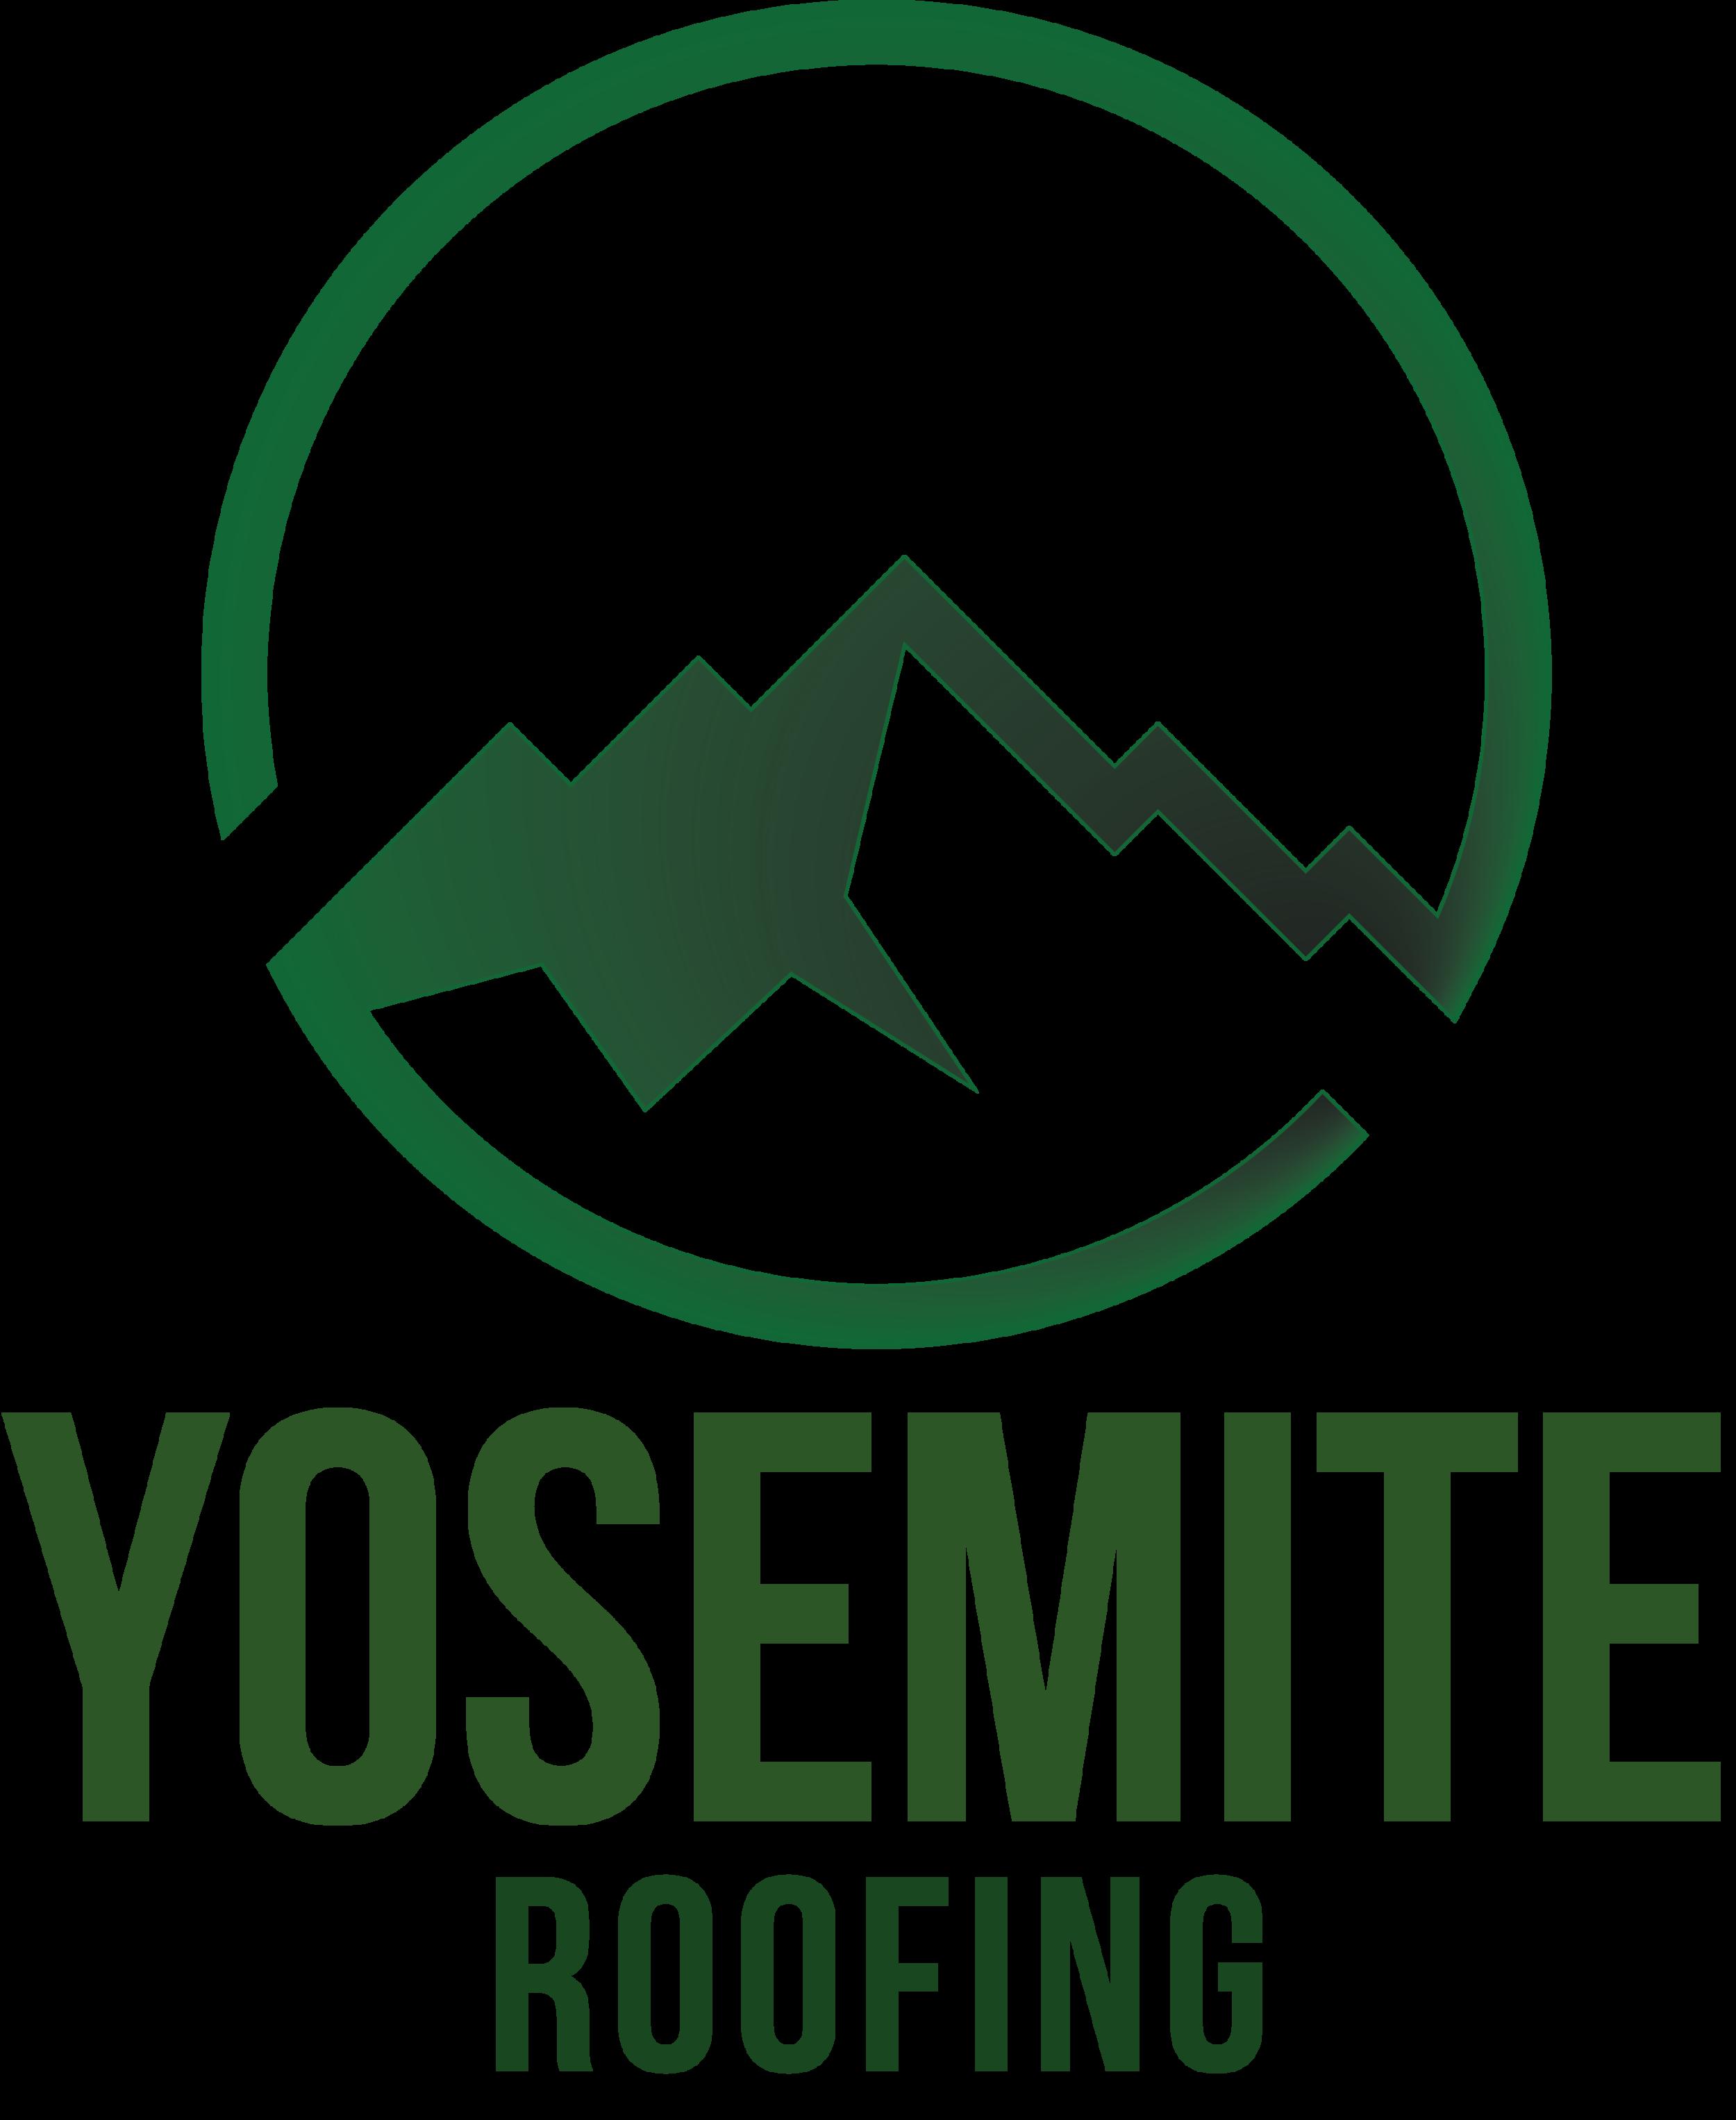 Yosemite-Roofing-Logo-300.png